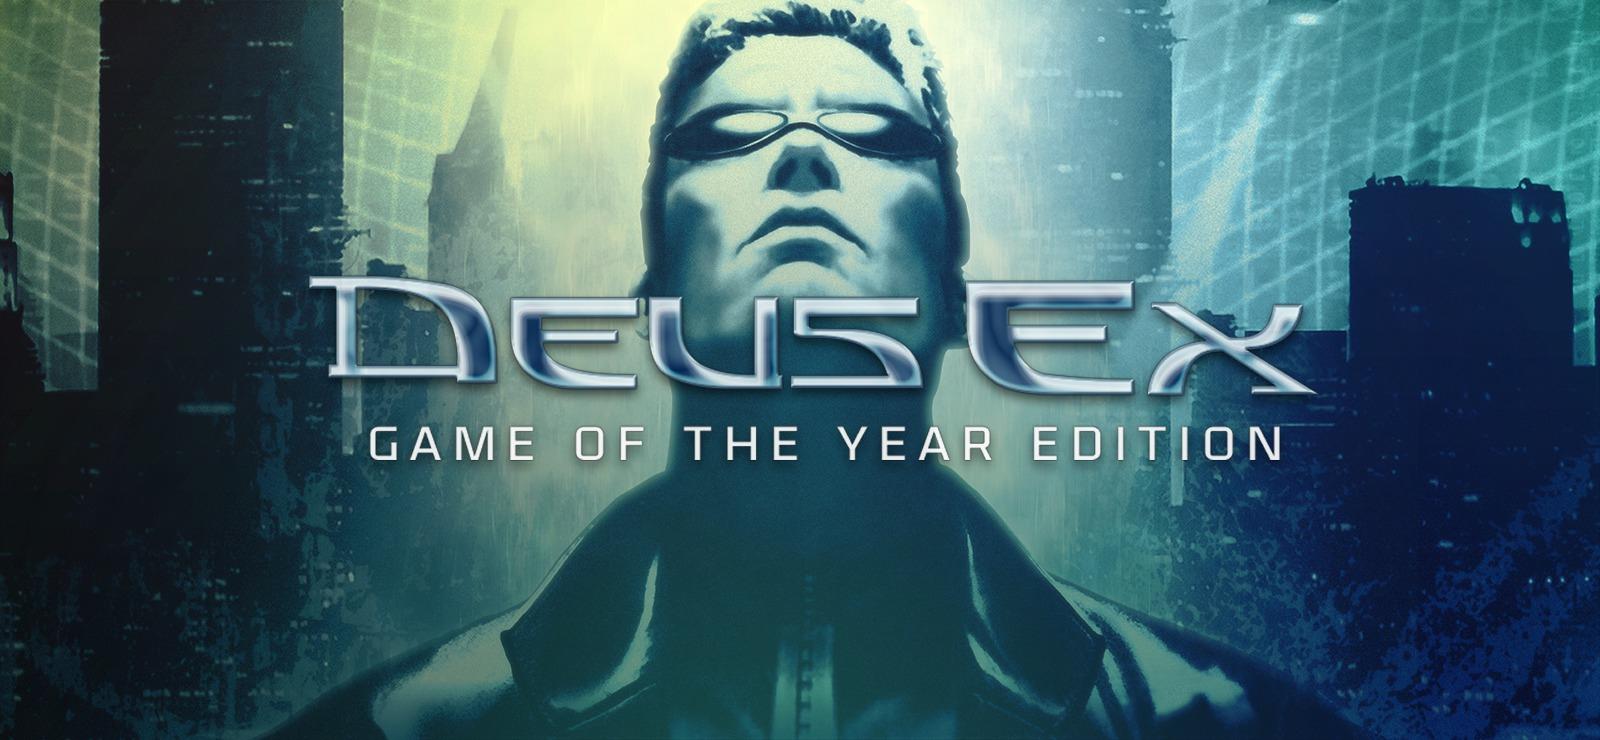 Deus Ex™ GOTY Edition PC für 1,29€ DRM frei bei GOG heute bis 20:00 Uhr (Deus Ex Revision Mod gleich mitnehmen!)